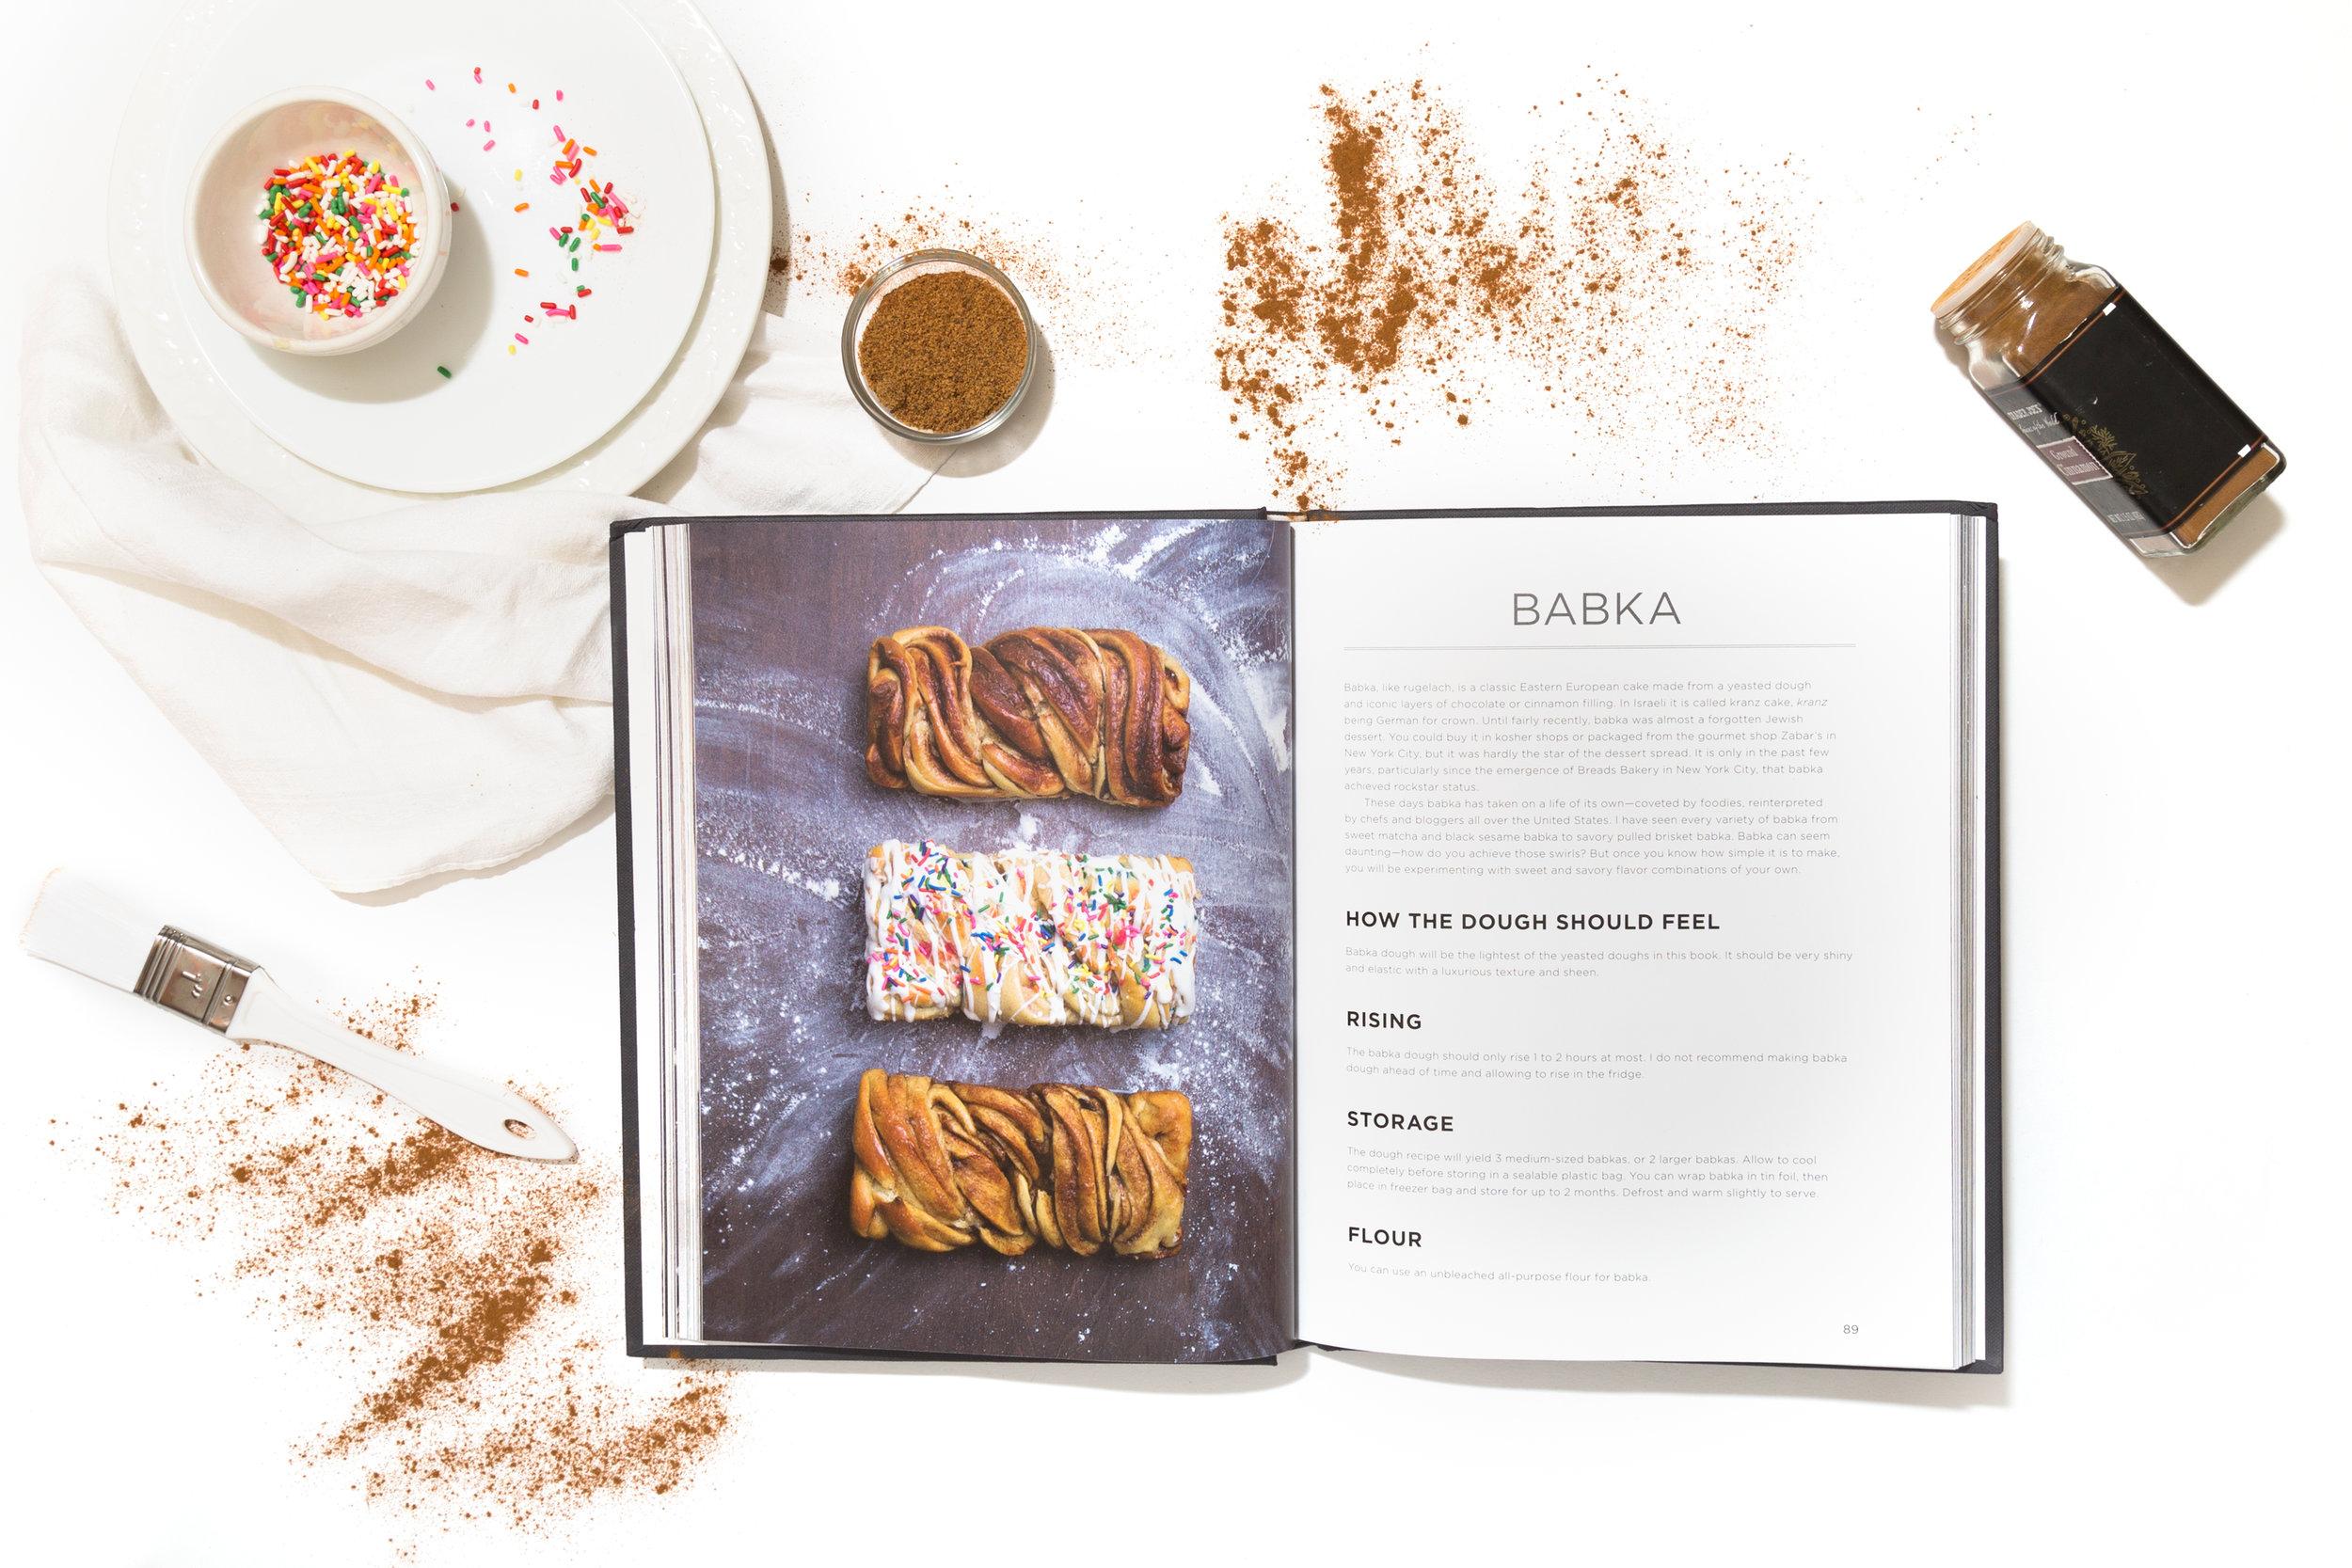 veronica-sage-mcavoy-modern-jewish-baker-33.jpg